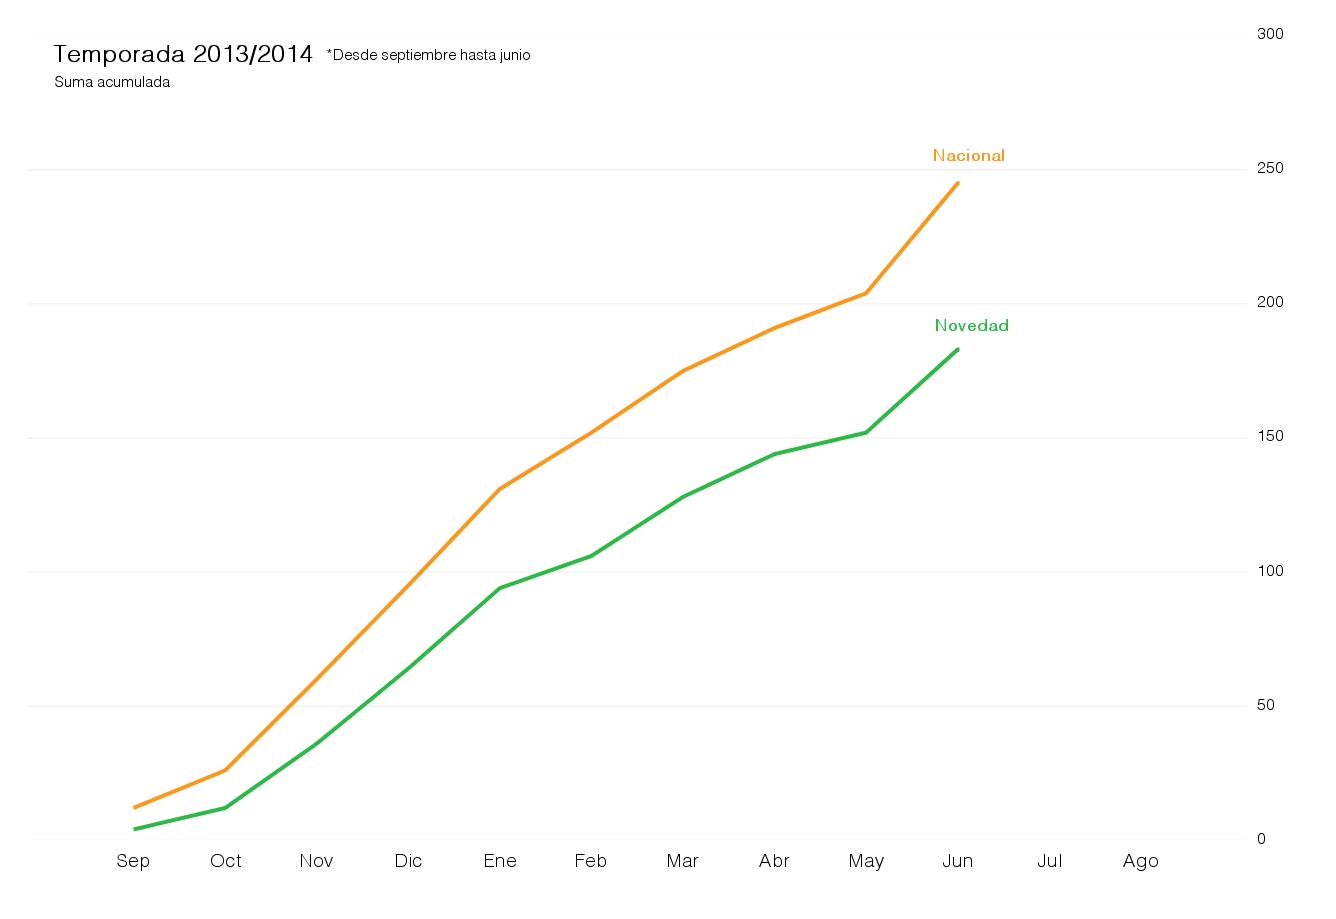 número acumulado de novedades y canciones nacionales emitidas entre septiembre y junio en la temporada 2013/2014